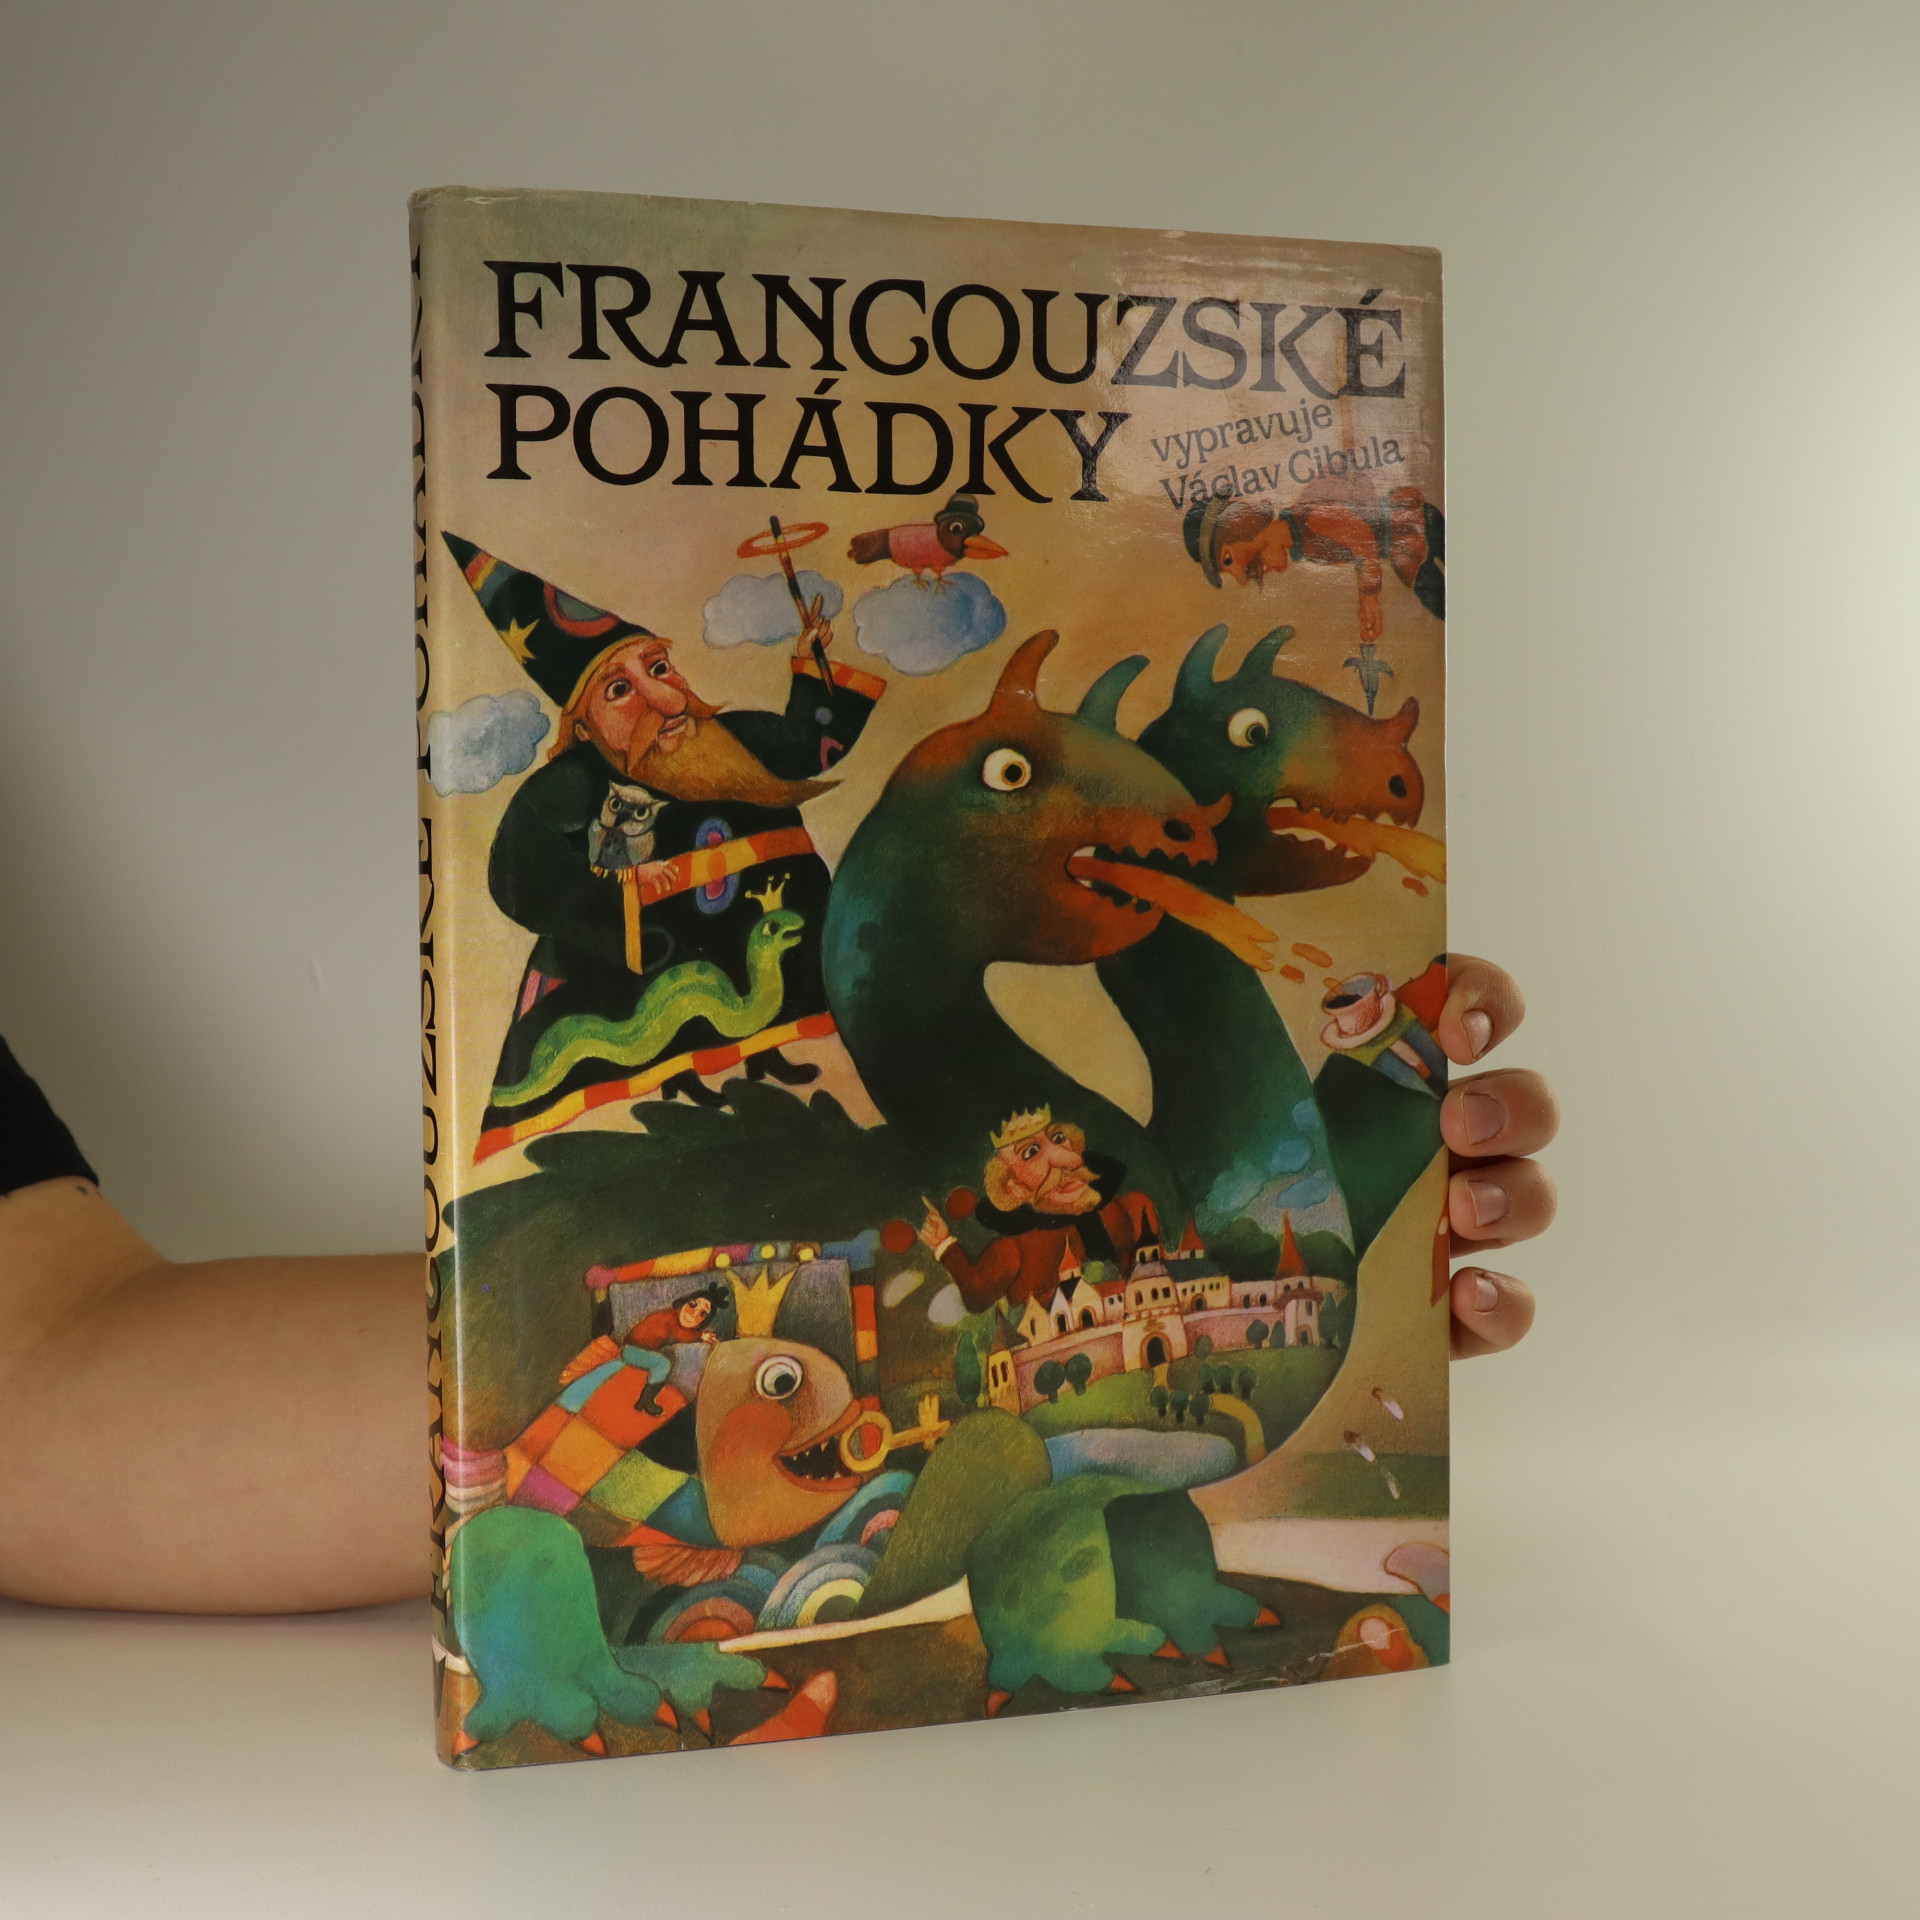 antikvární kniha Francouzské pohádky, 1991